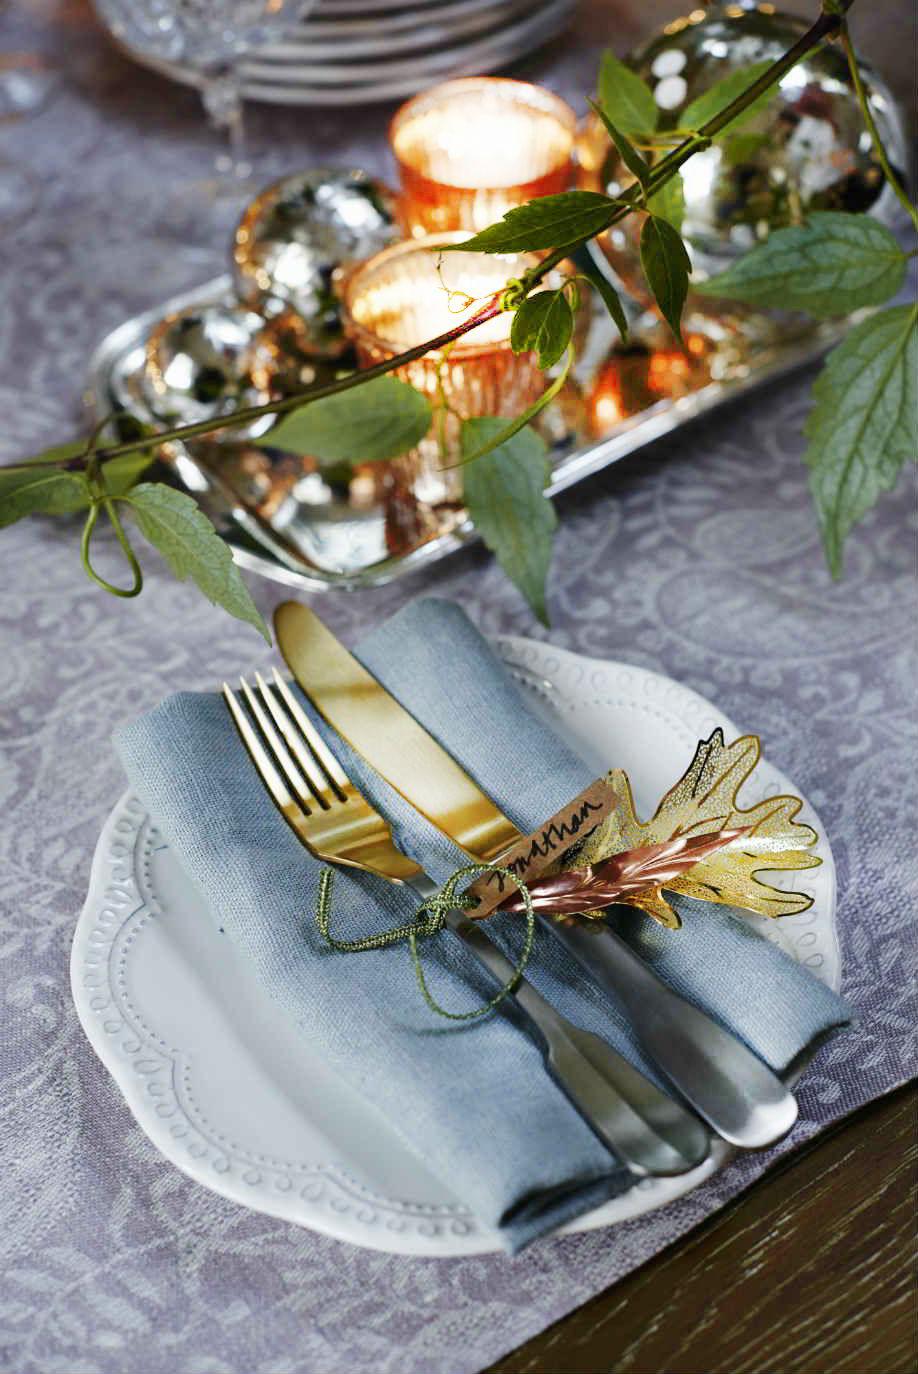 Come decorare la tavola di natale westwing magazine - Decorazioni tavola capodanno fai da te ...